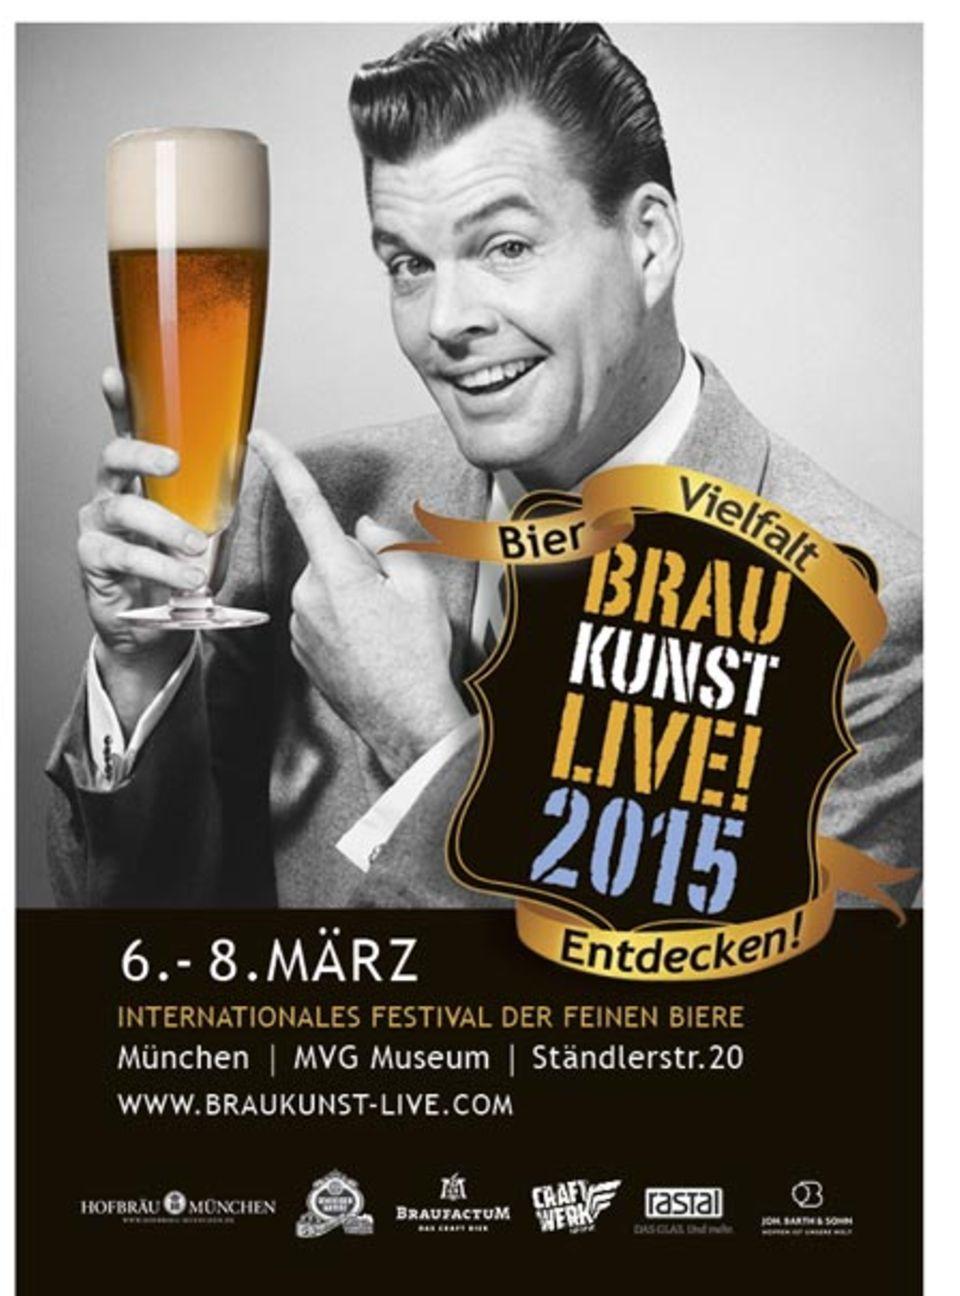 Die Welt der Biere in München: Braukunst live!